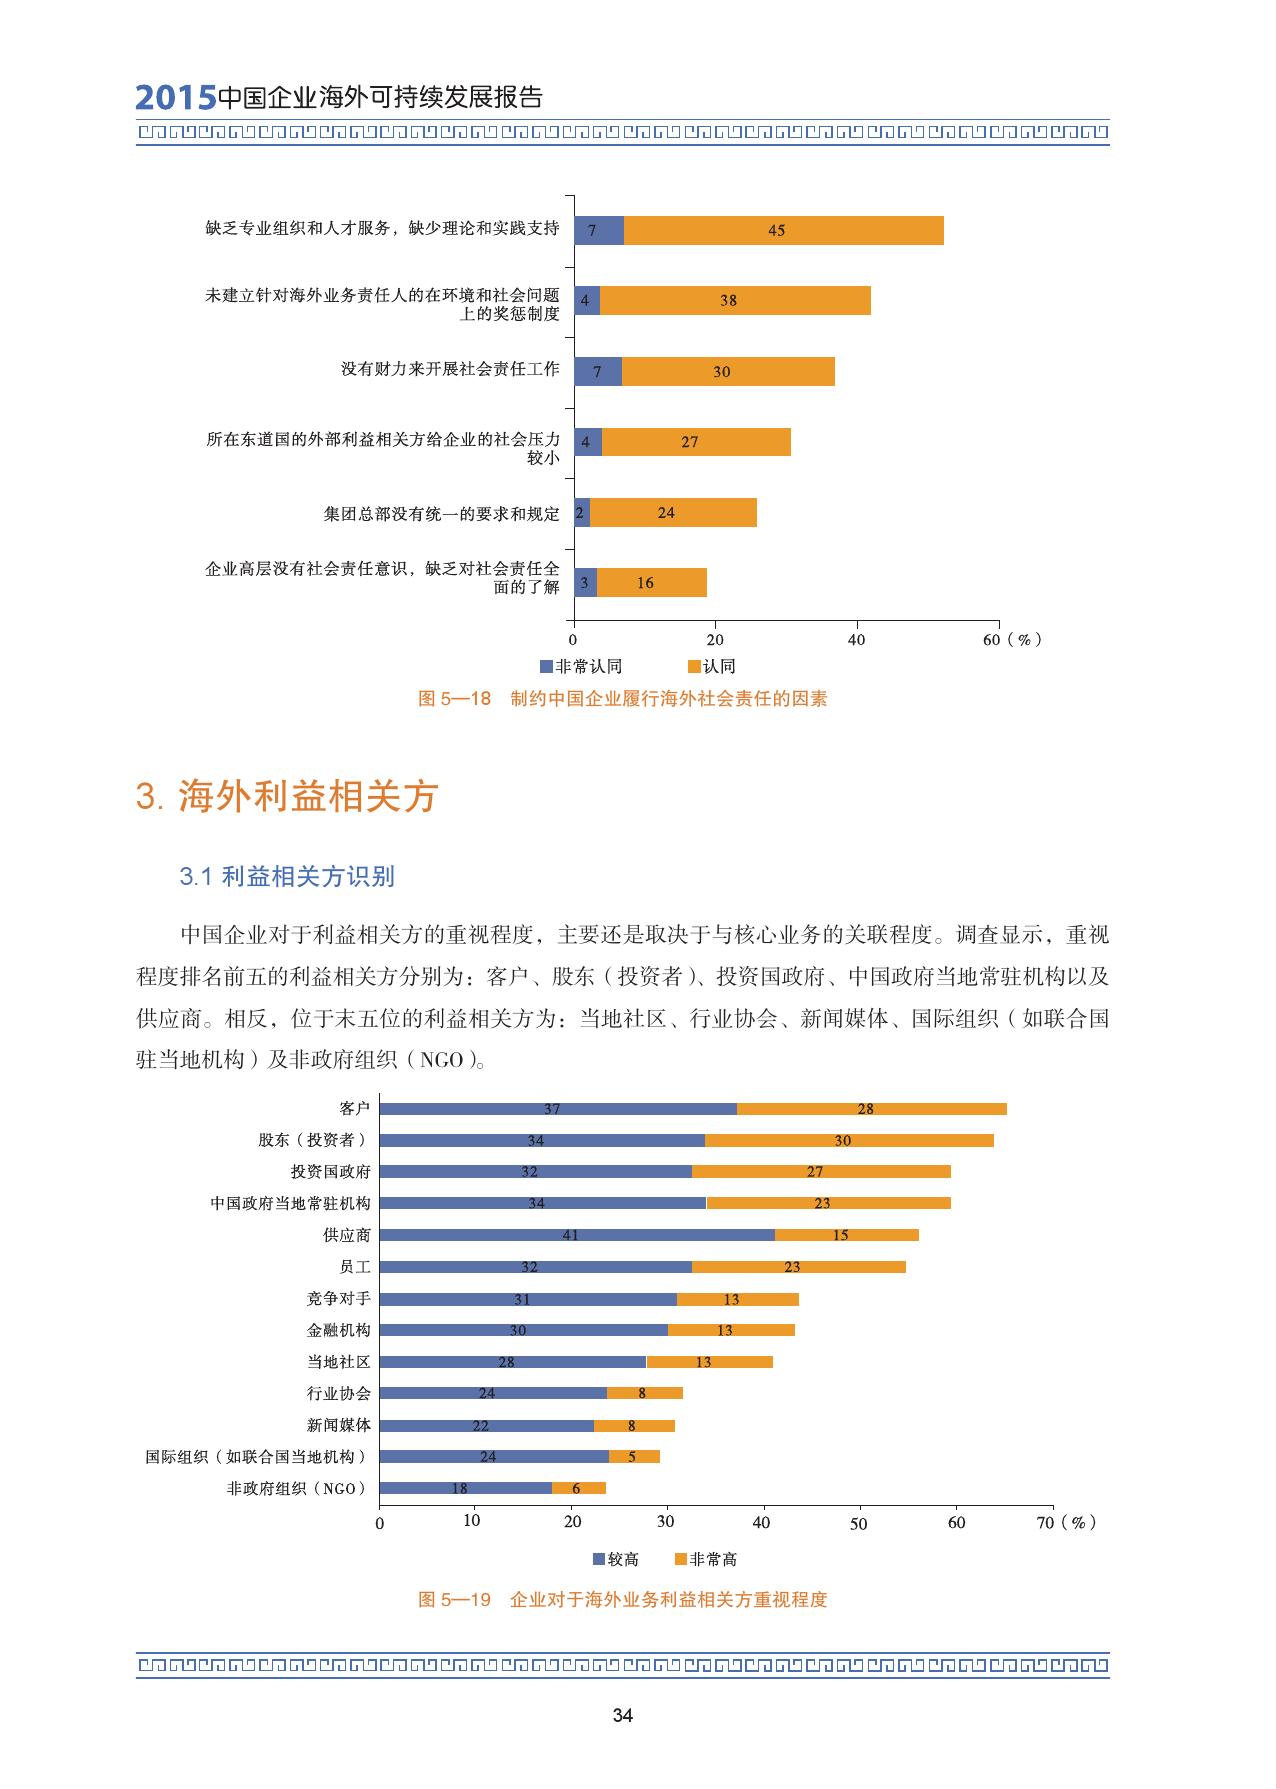 2015中国企业海外可持续发展报告_000048